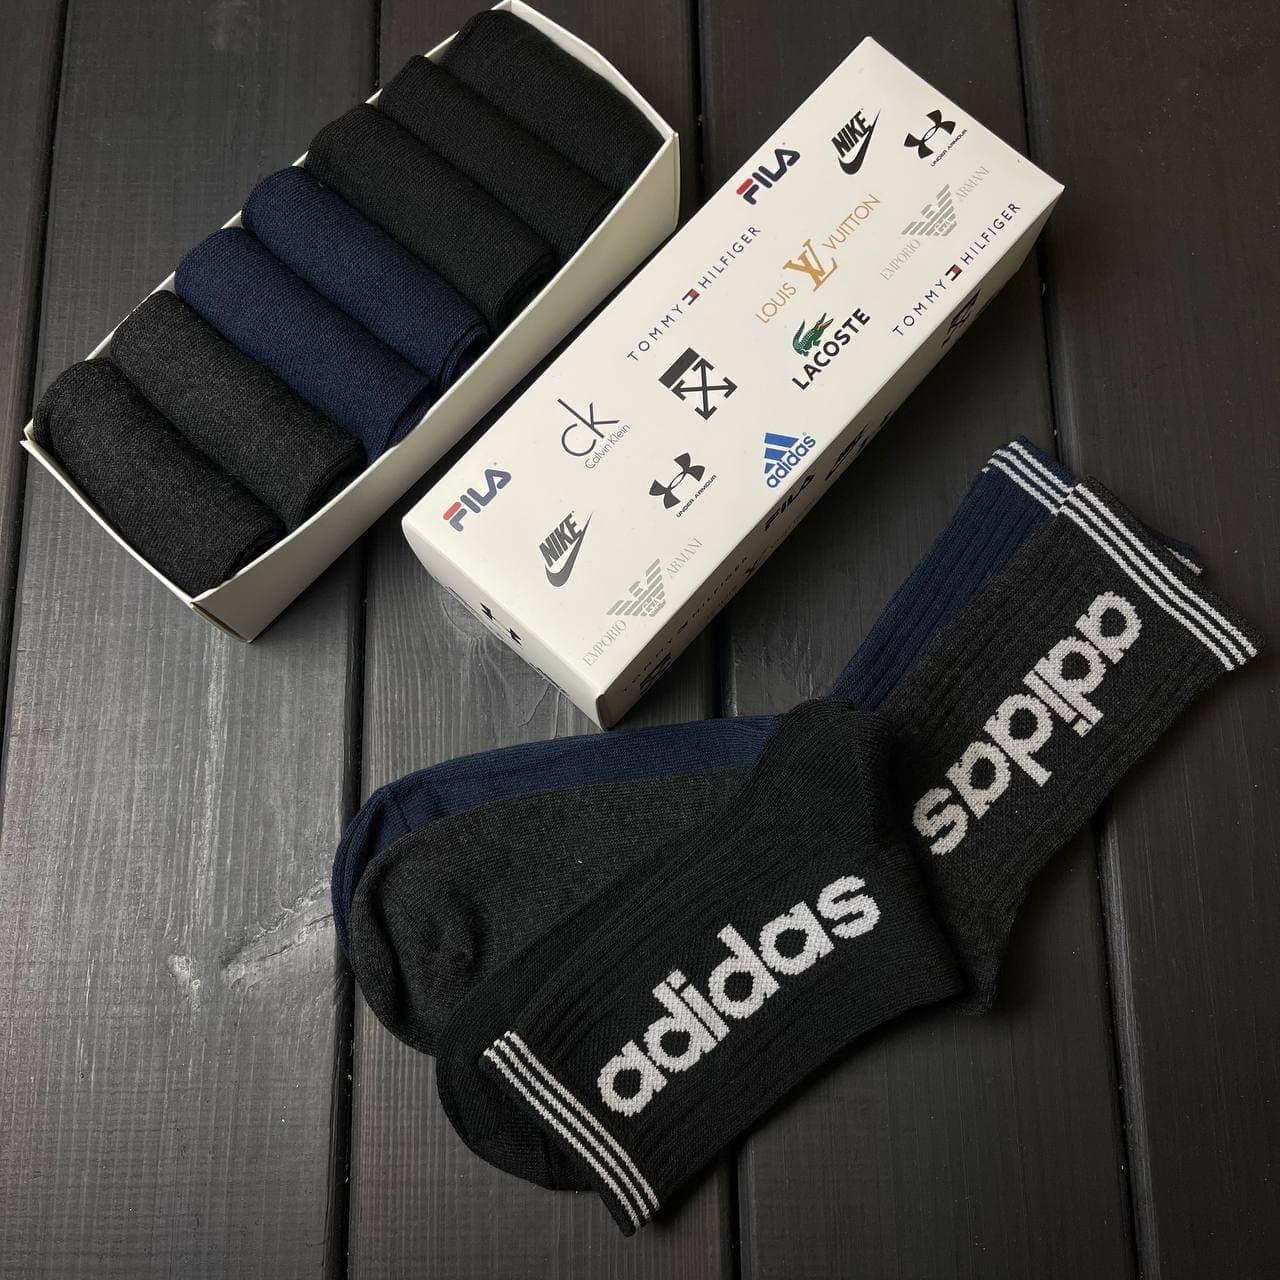 Набор мужских носков Adidas 7 пар в подарочной упаковке, комплект высоких носков